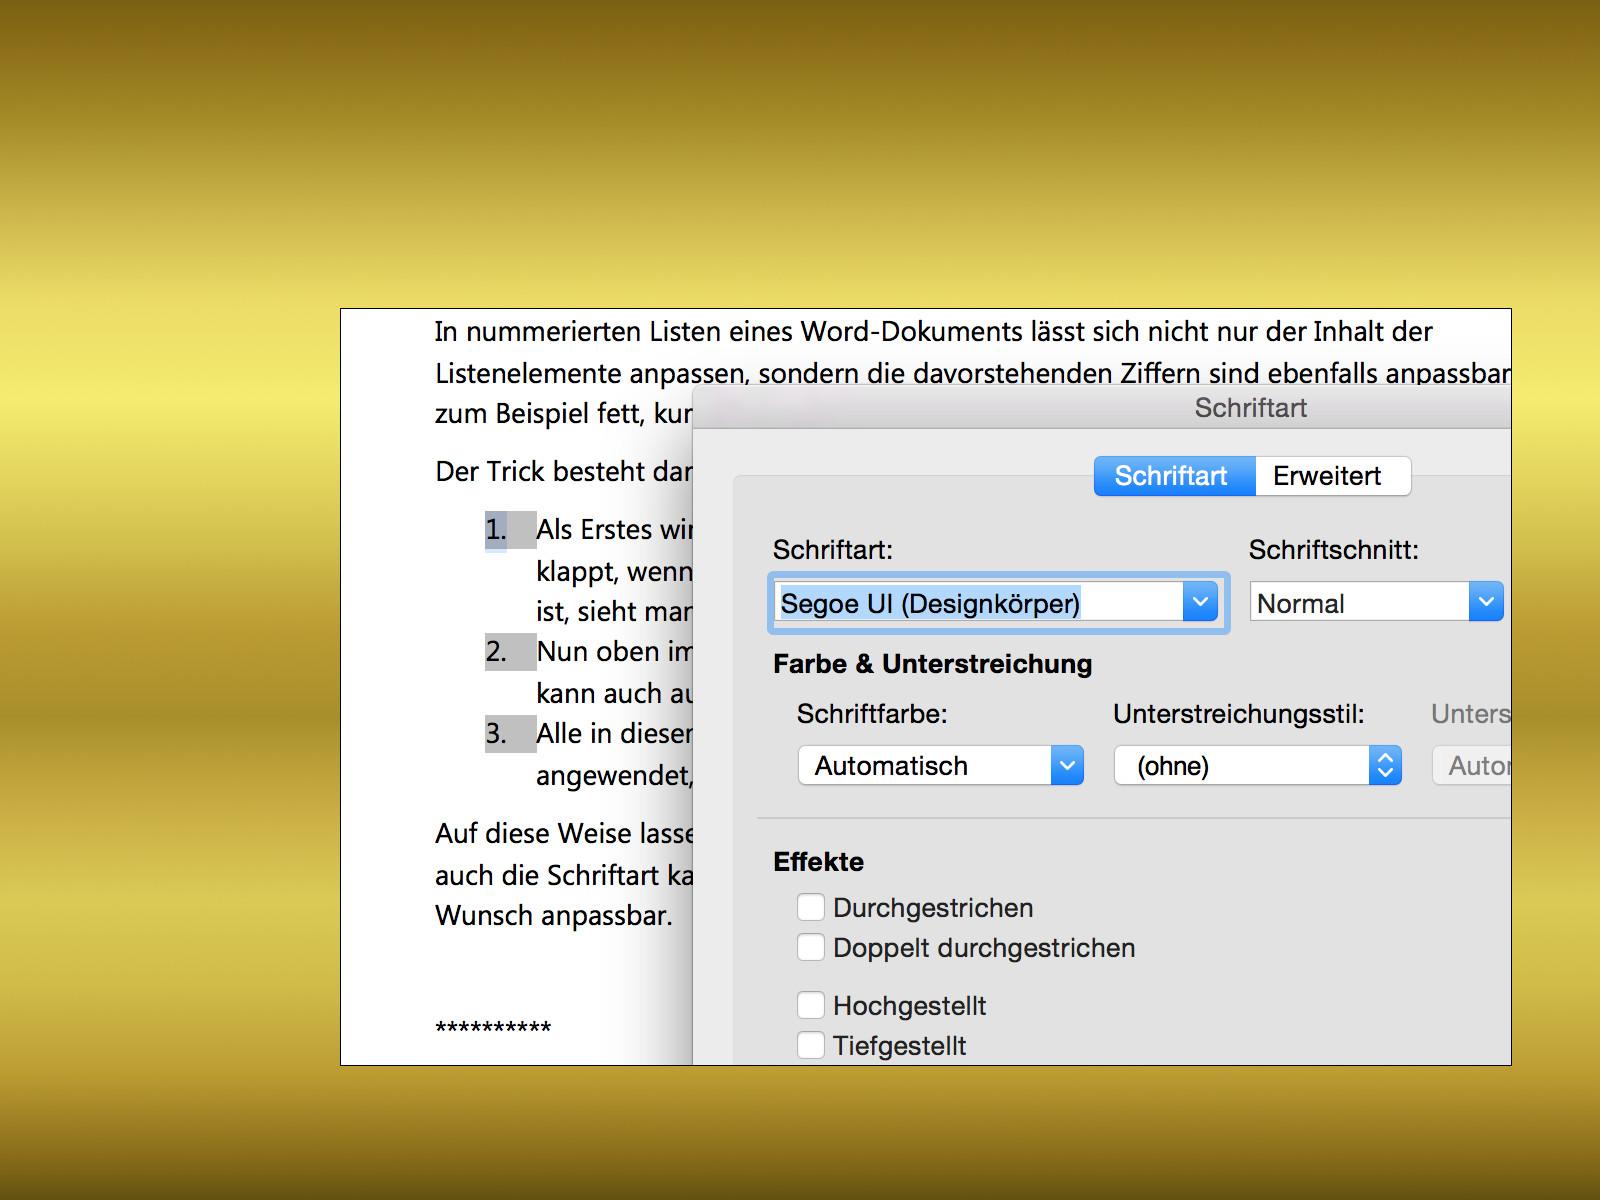 Schön Newsletter Beispiel In Word Fotos - FORTSETZUNG ARBEITSBLATT ...